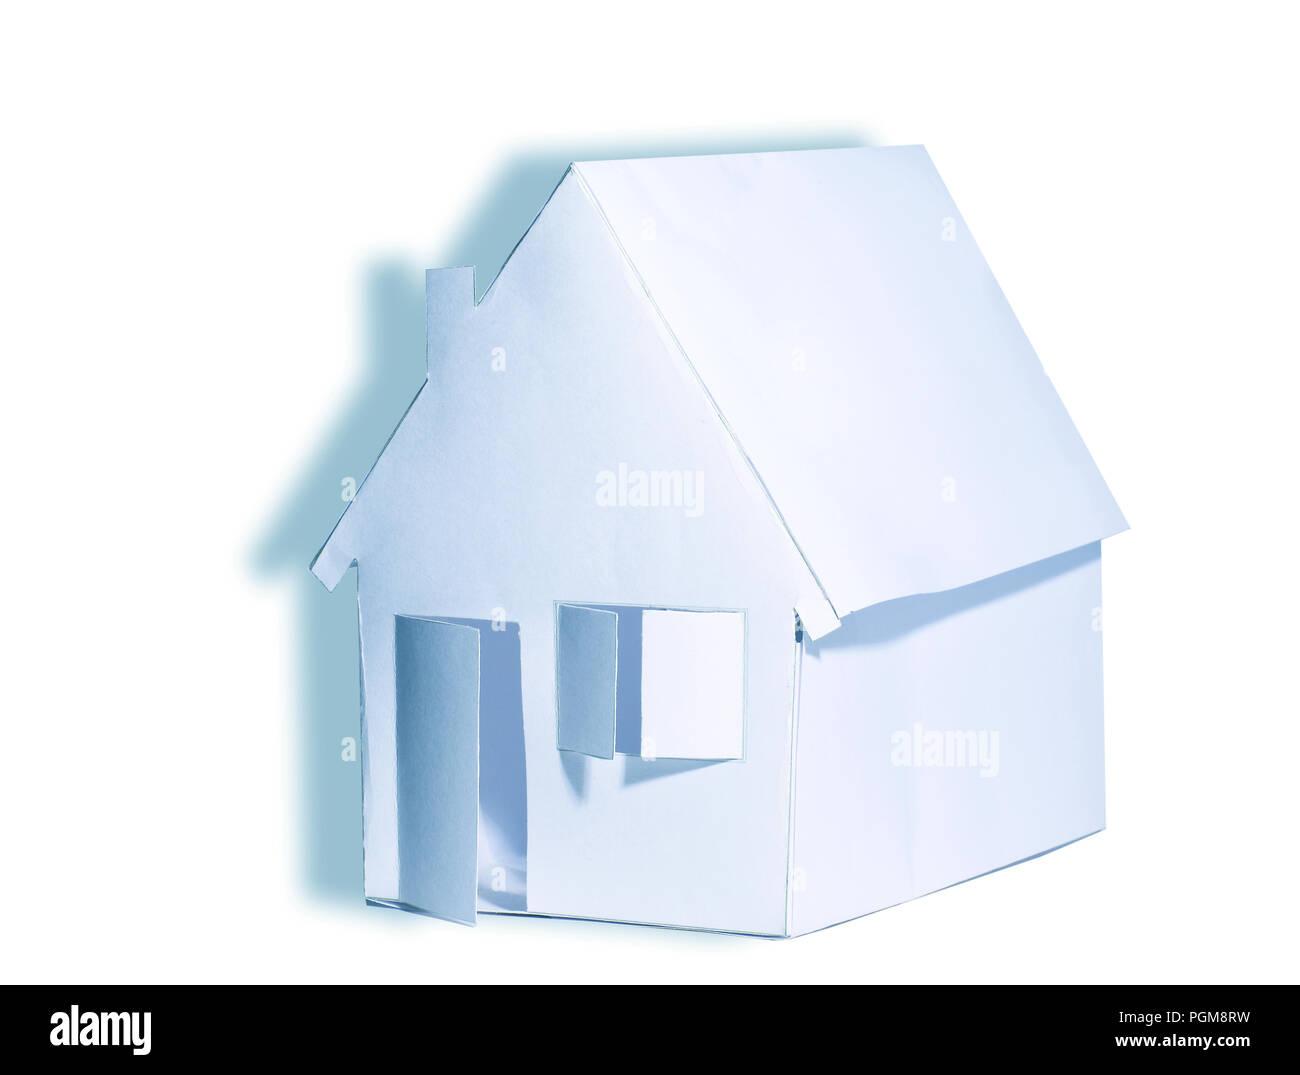 Papierhaus auf weißem Hintergrund Stockbild